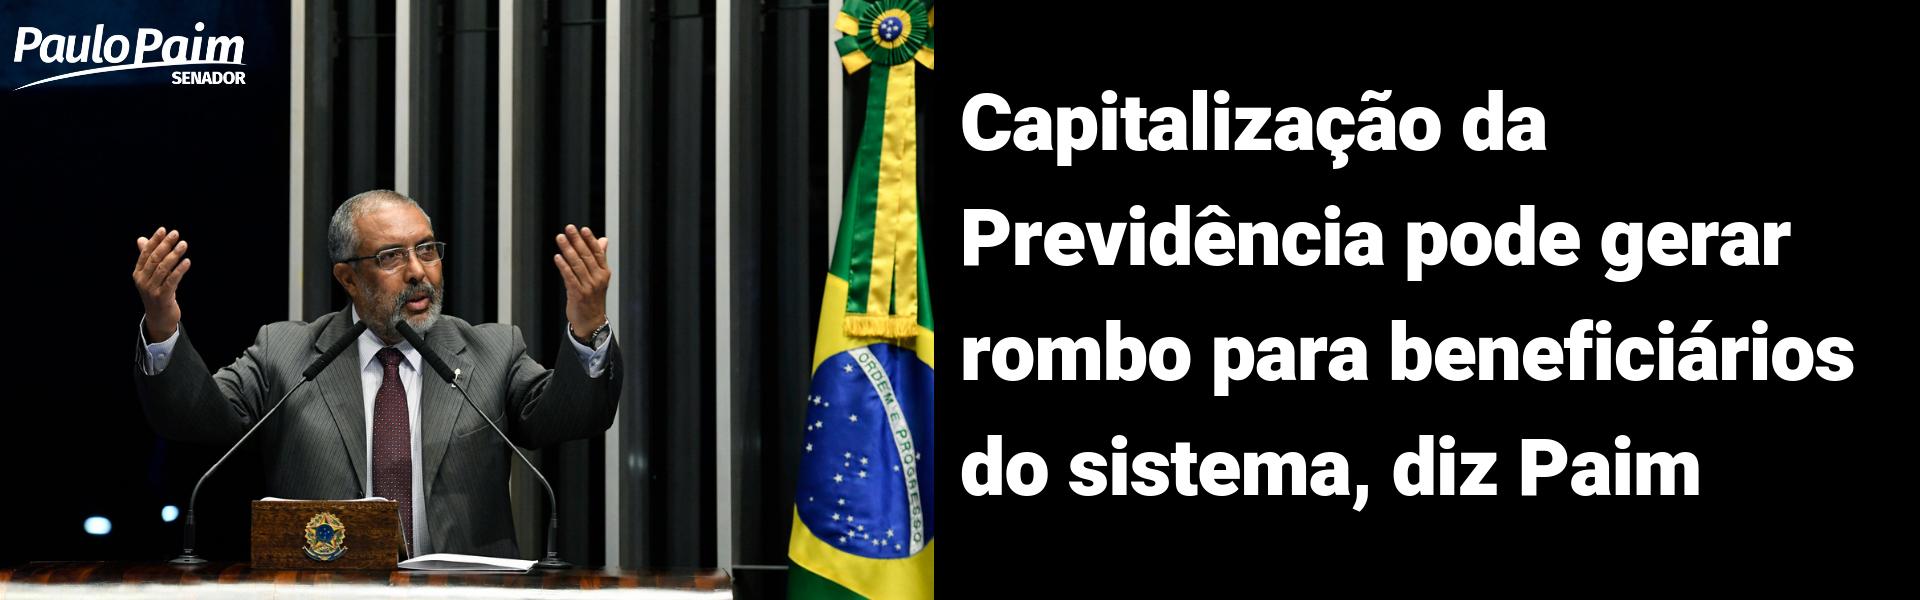 Capitalização da Previdência pode gerar rombo para beneficiários do sistema, diz Paim